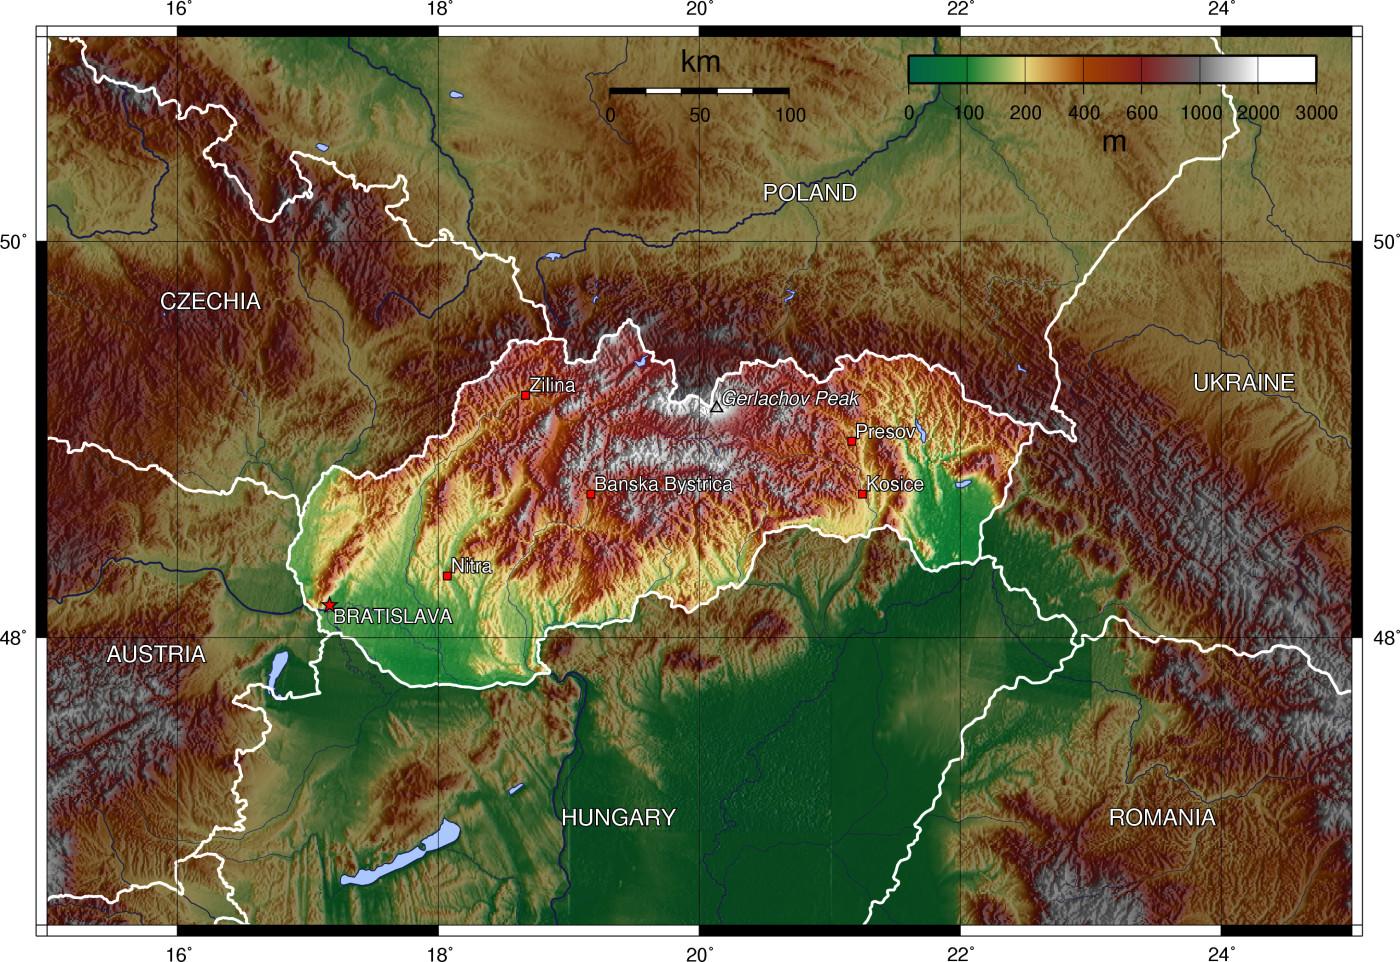 https://i1.wp.com/upload.wikimedia.org/wikipedia/commons/a/aa/Slovakia_topo.jpg